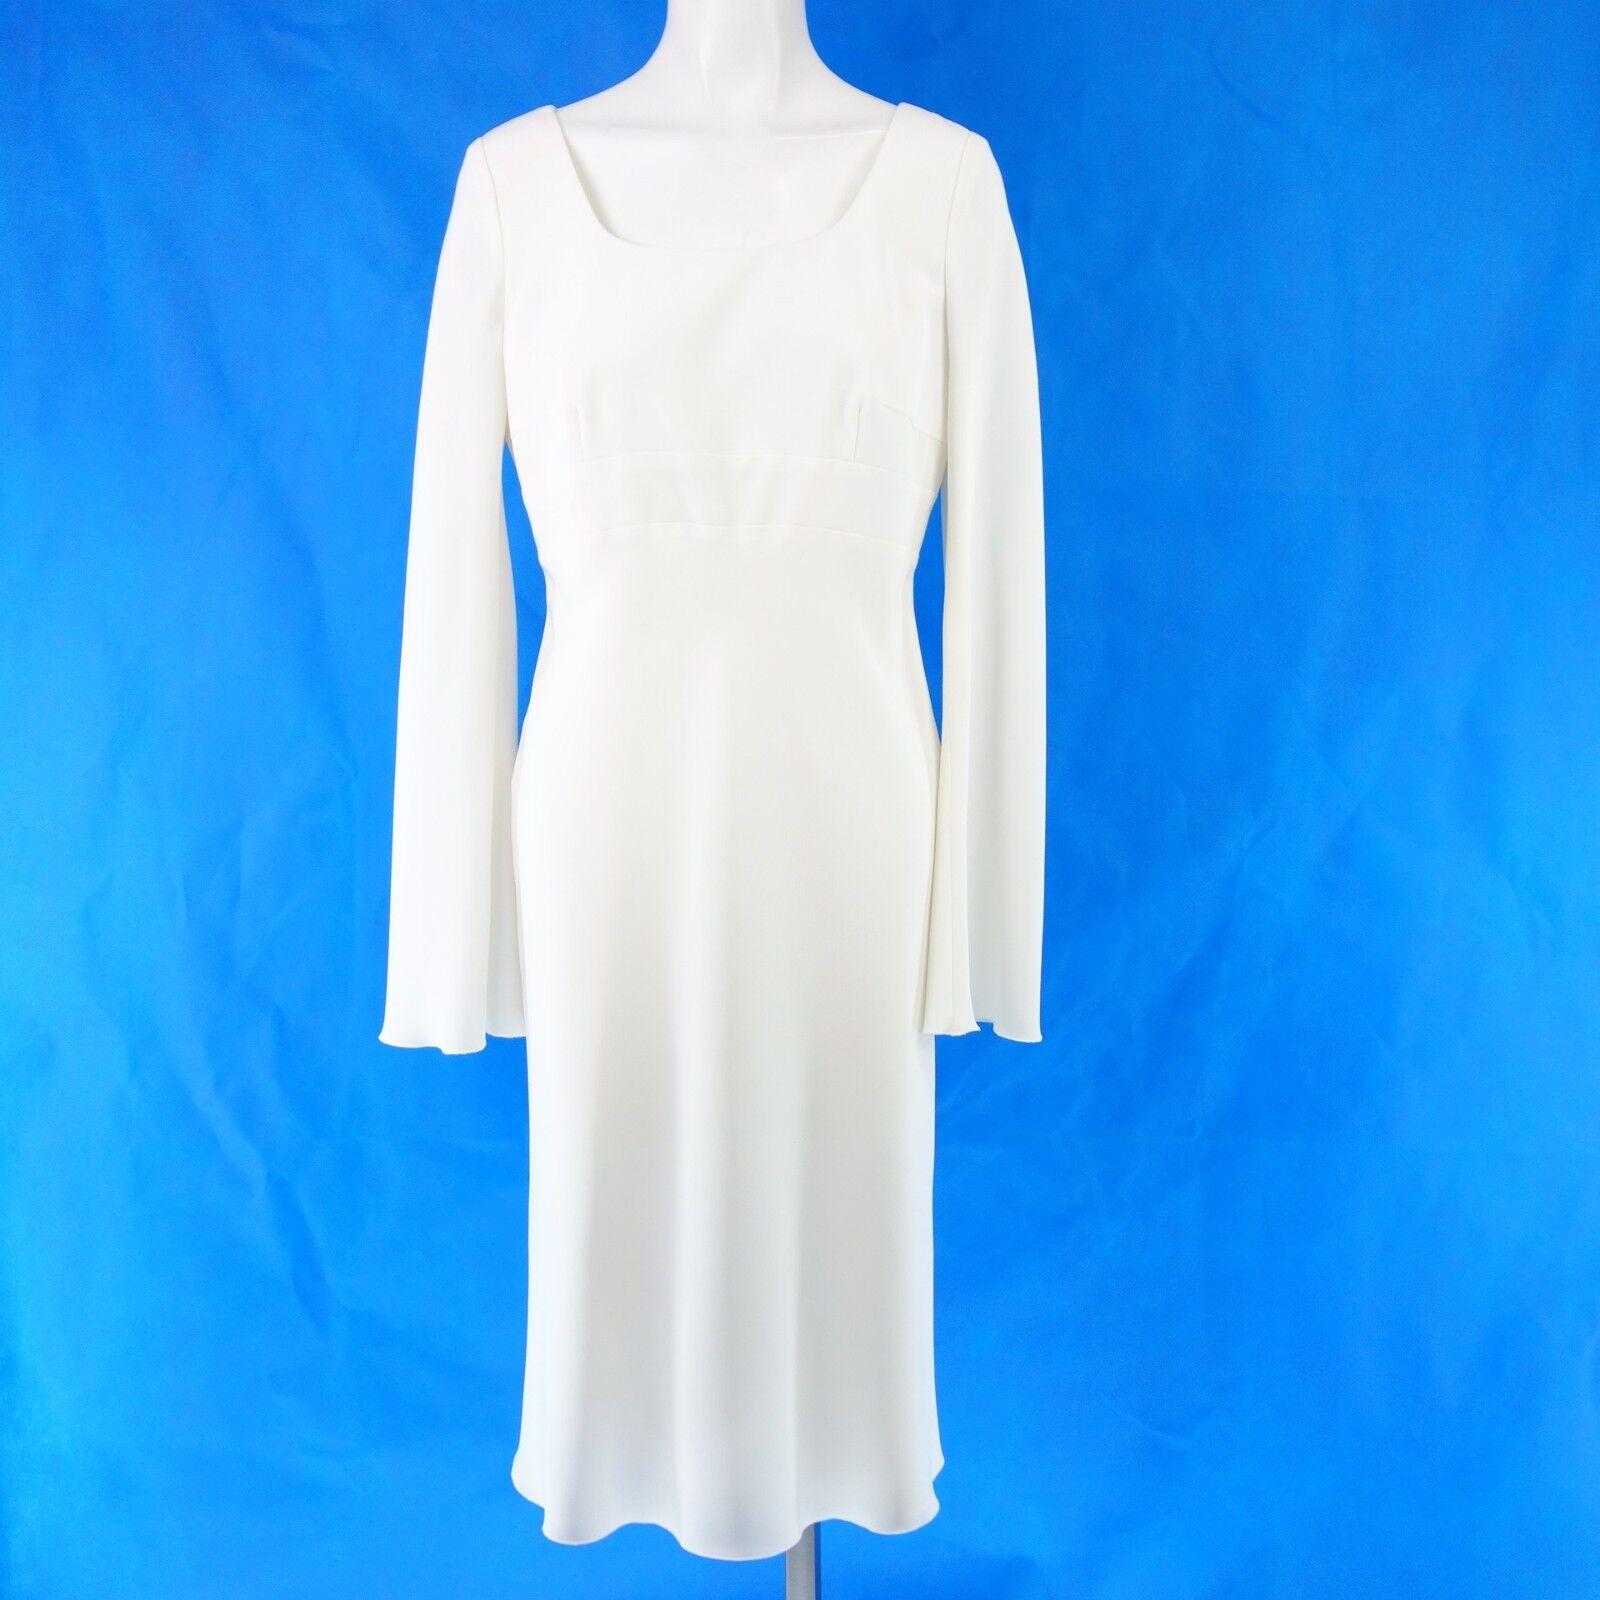 BETTINA SCHOENBACH Damen Kleid 38 Weiß Festlich Etuikleid Schwingend Langarm NEU